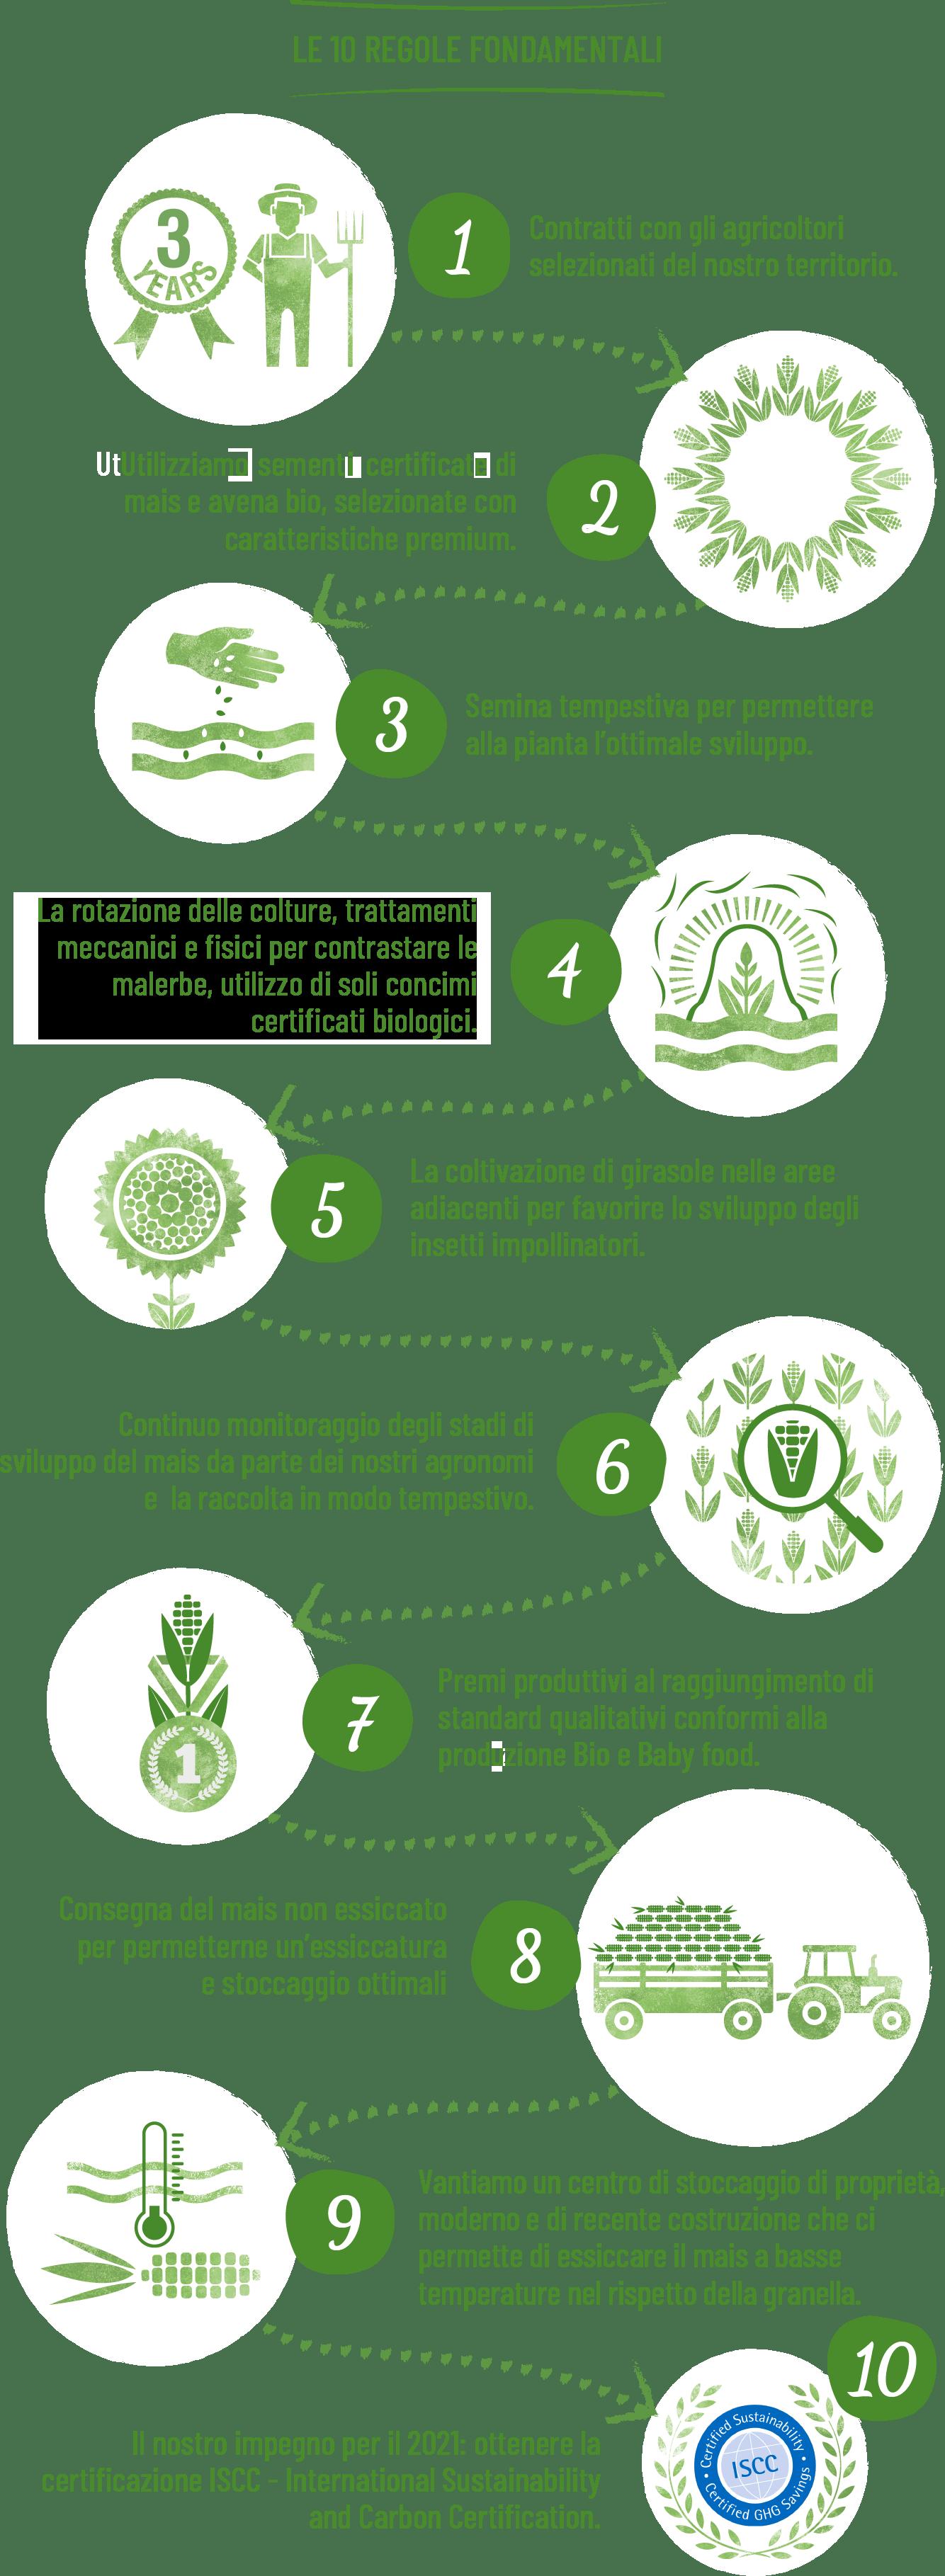 Le 10 Regole Fondamentali Della Sostenibilità